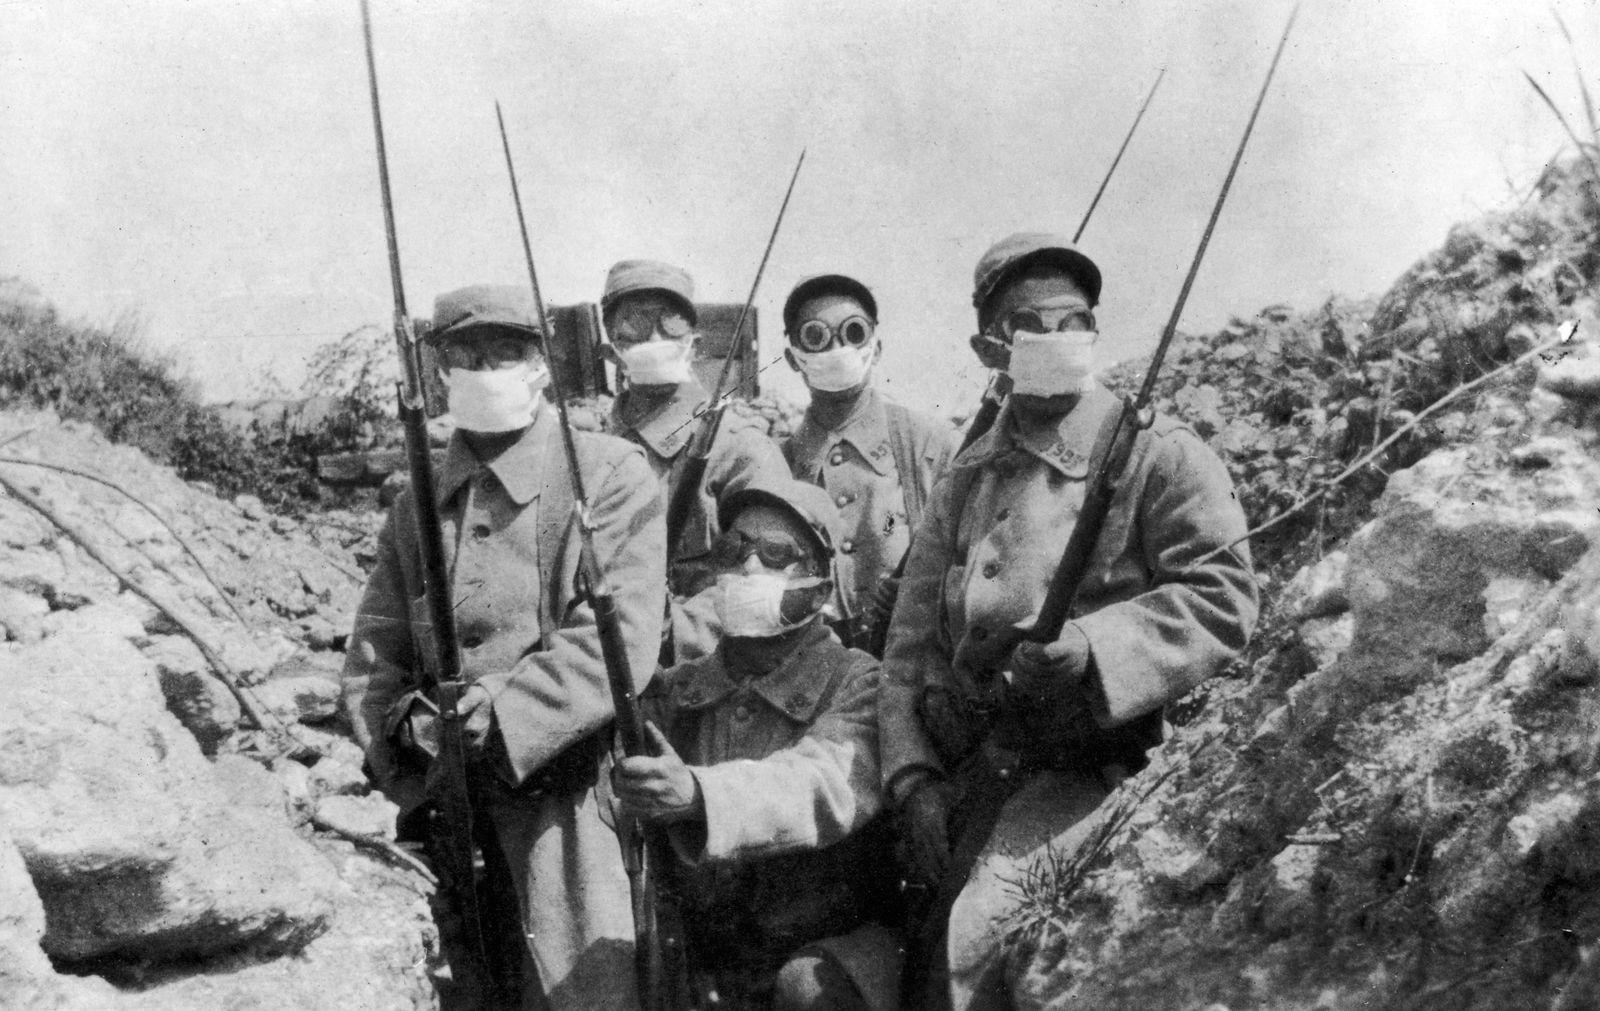 Gaskrieg / Waffentechnik / Erster Weltkrieg